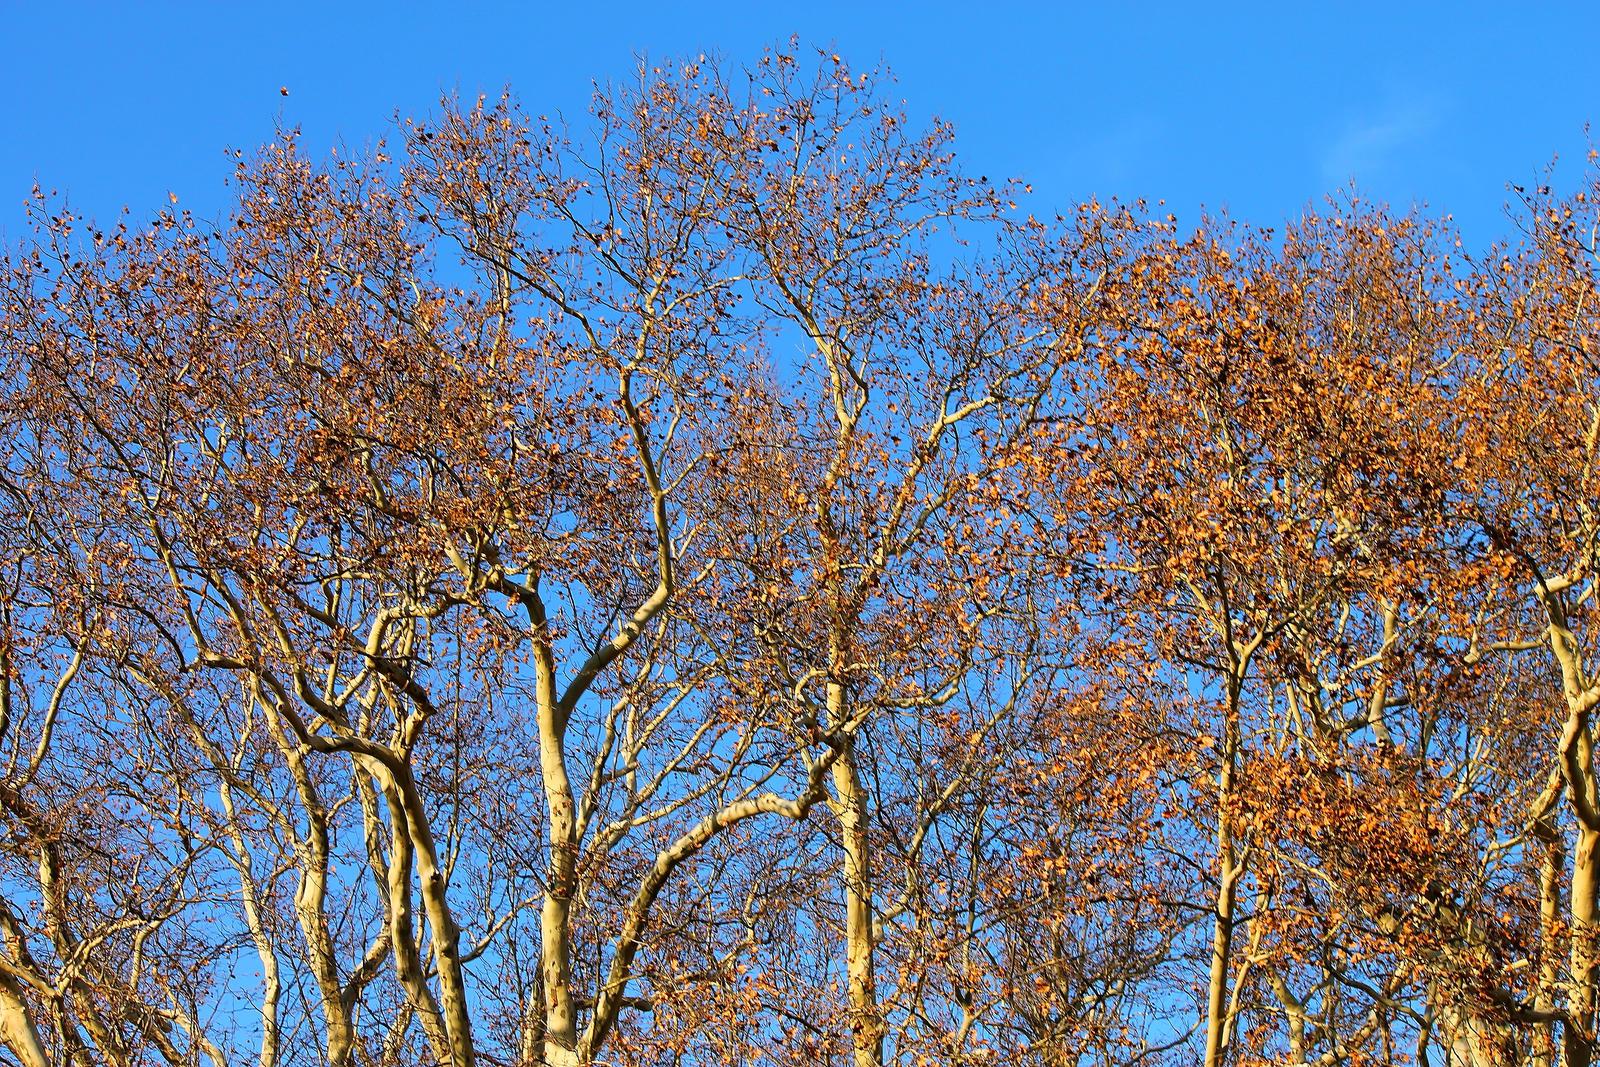 Autumn by Magellan89